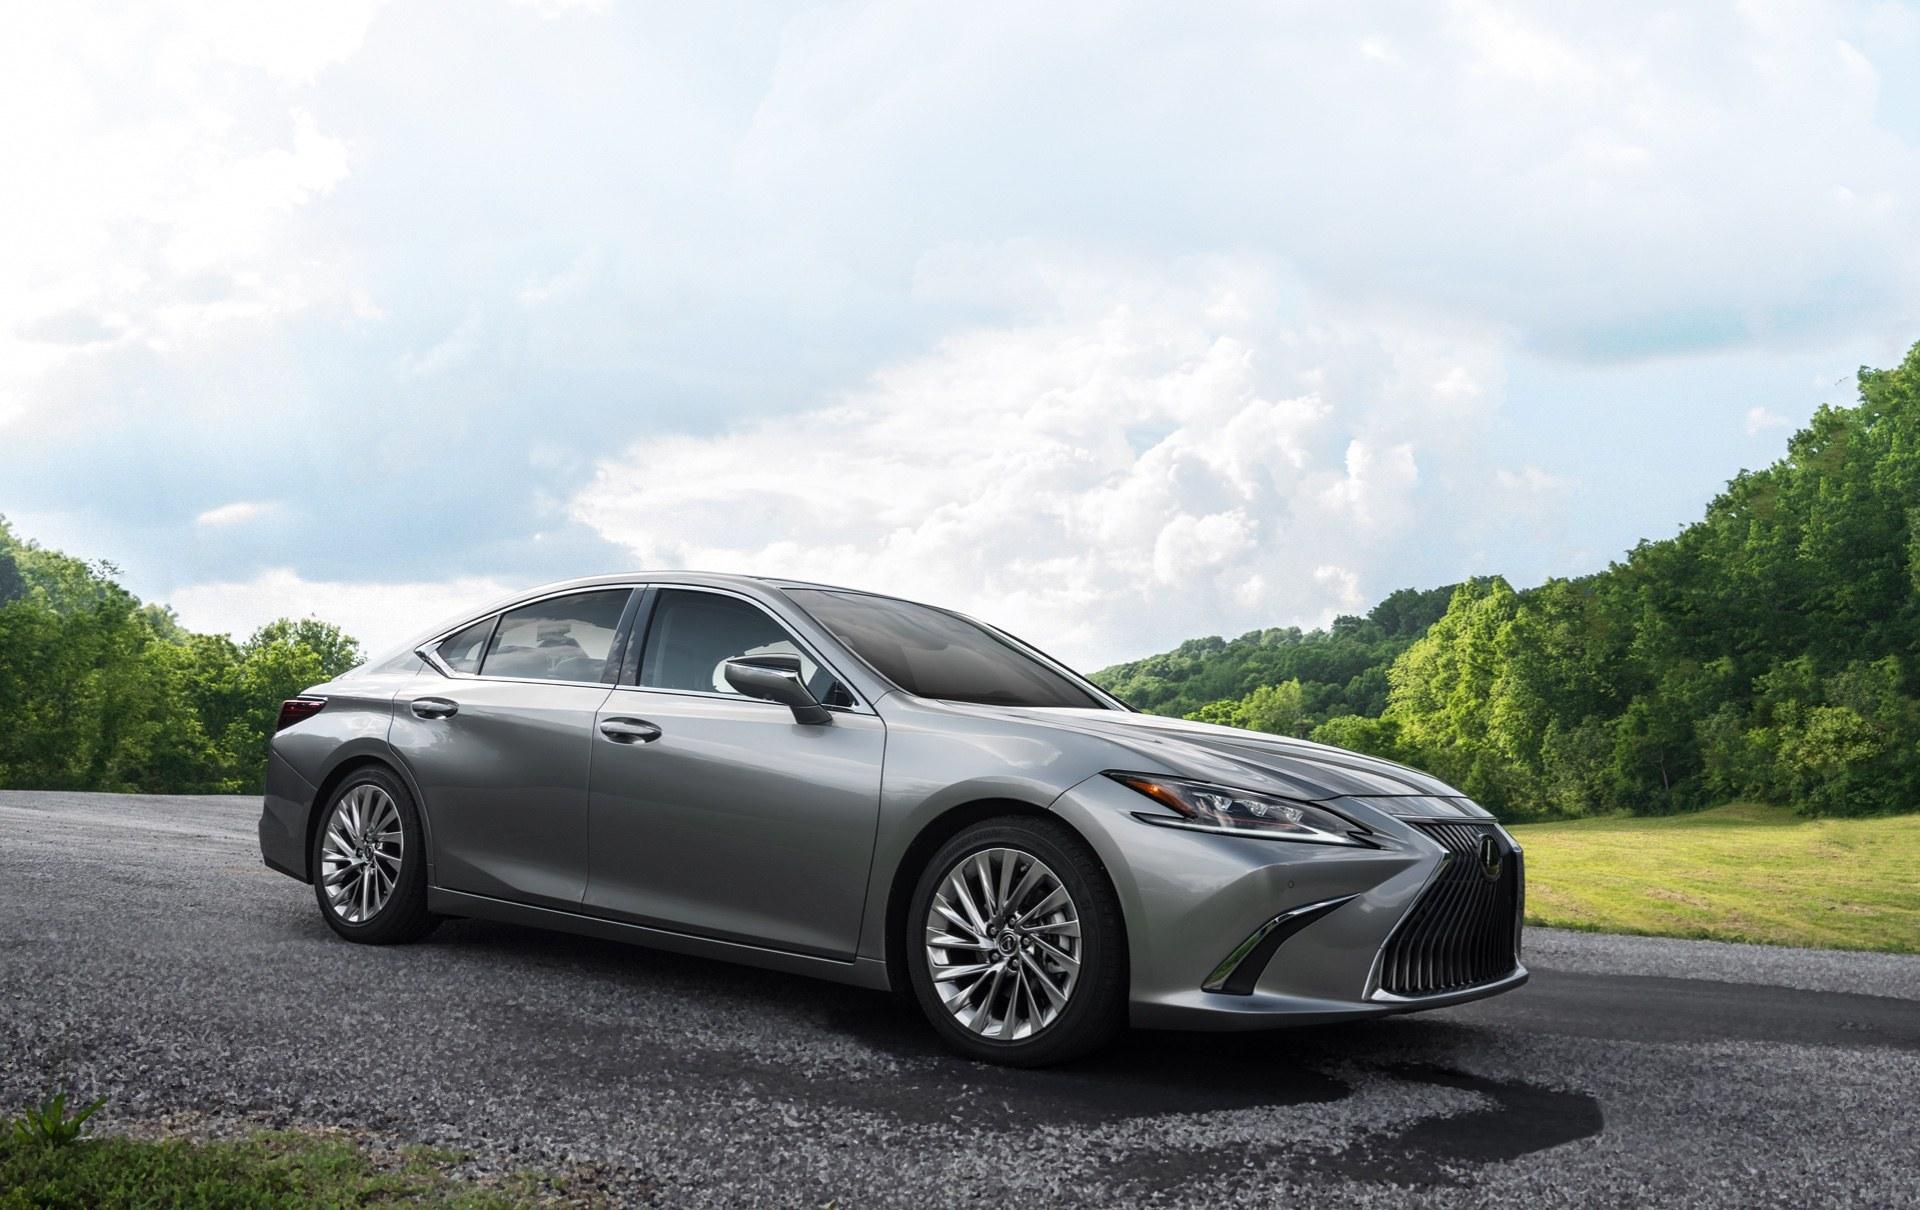 lexus-design-2019-es-ultra-luxury-atomic-silver-x